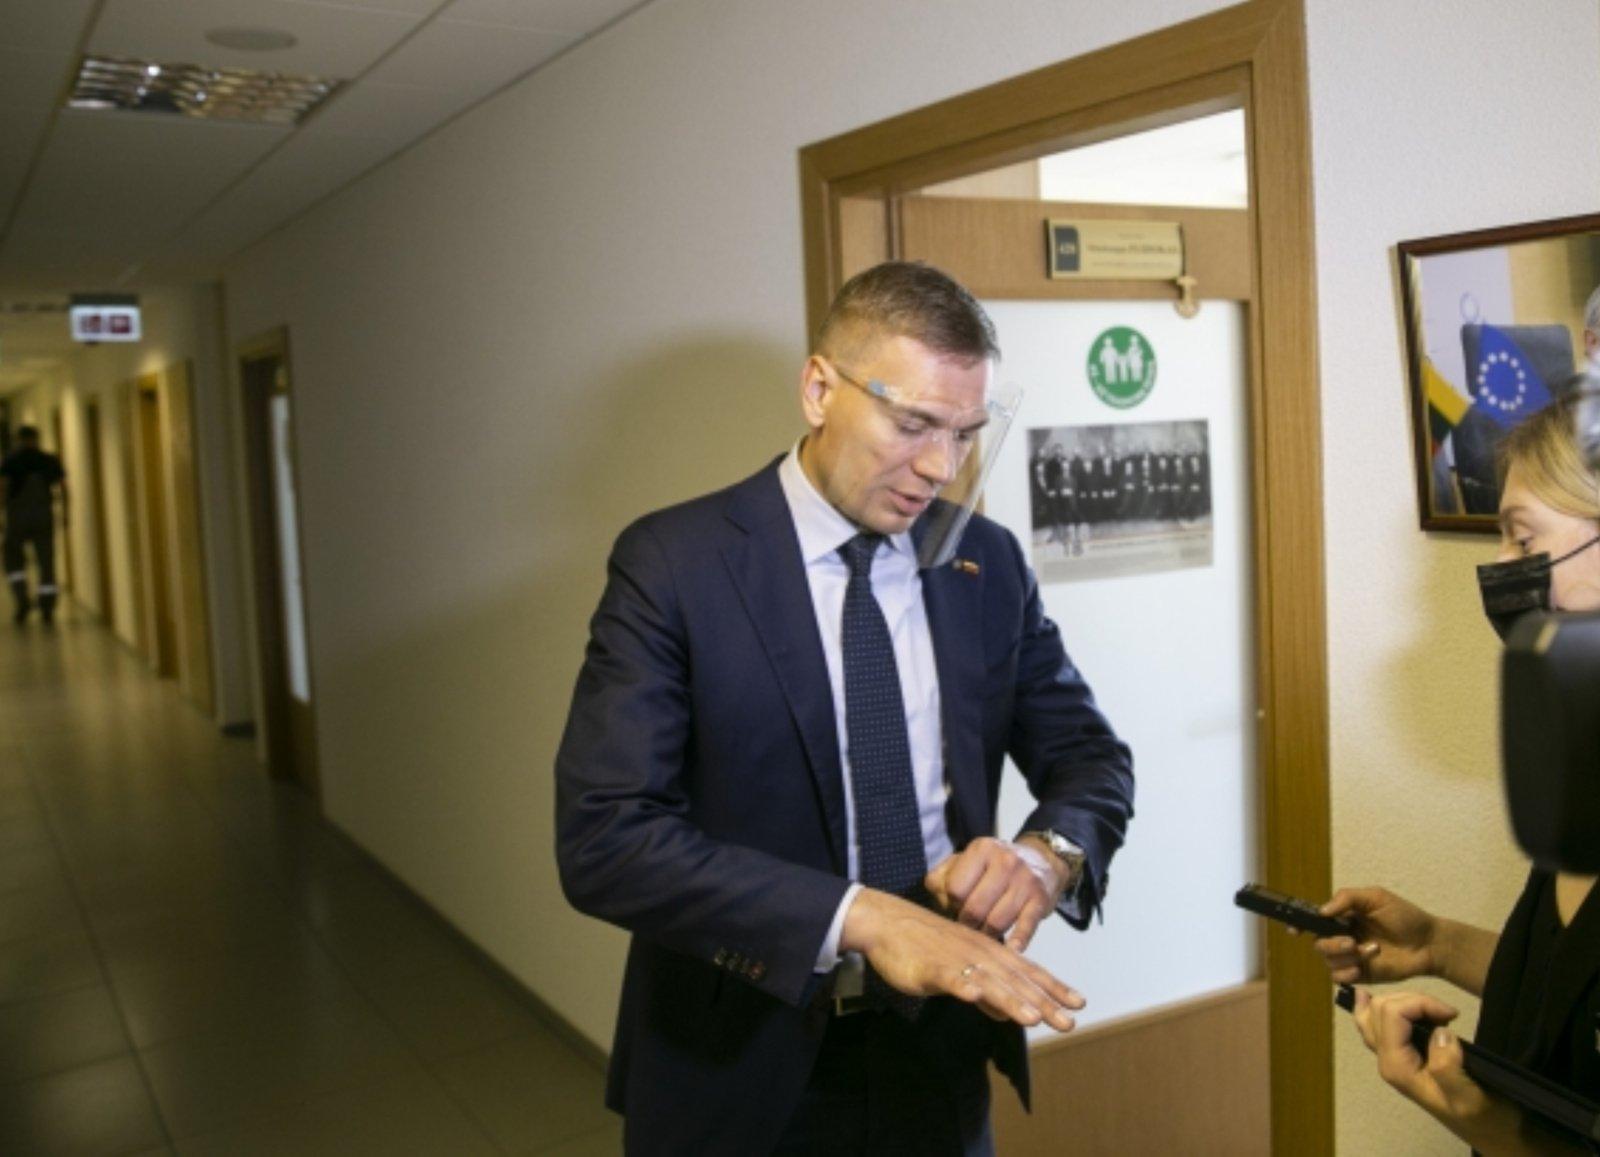 Svarbiausi ketvirtadienio įvykiai Lietuvoje ir pasaulyje